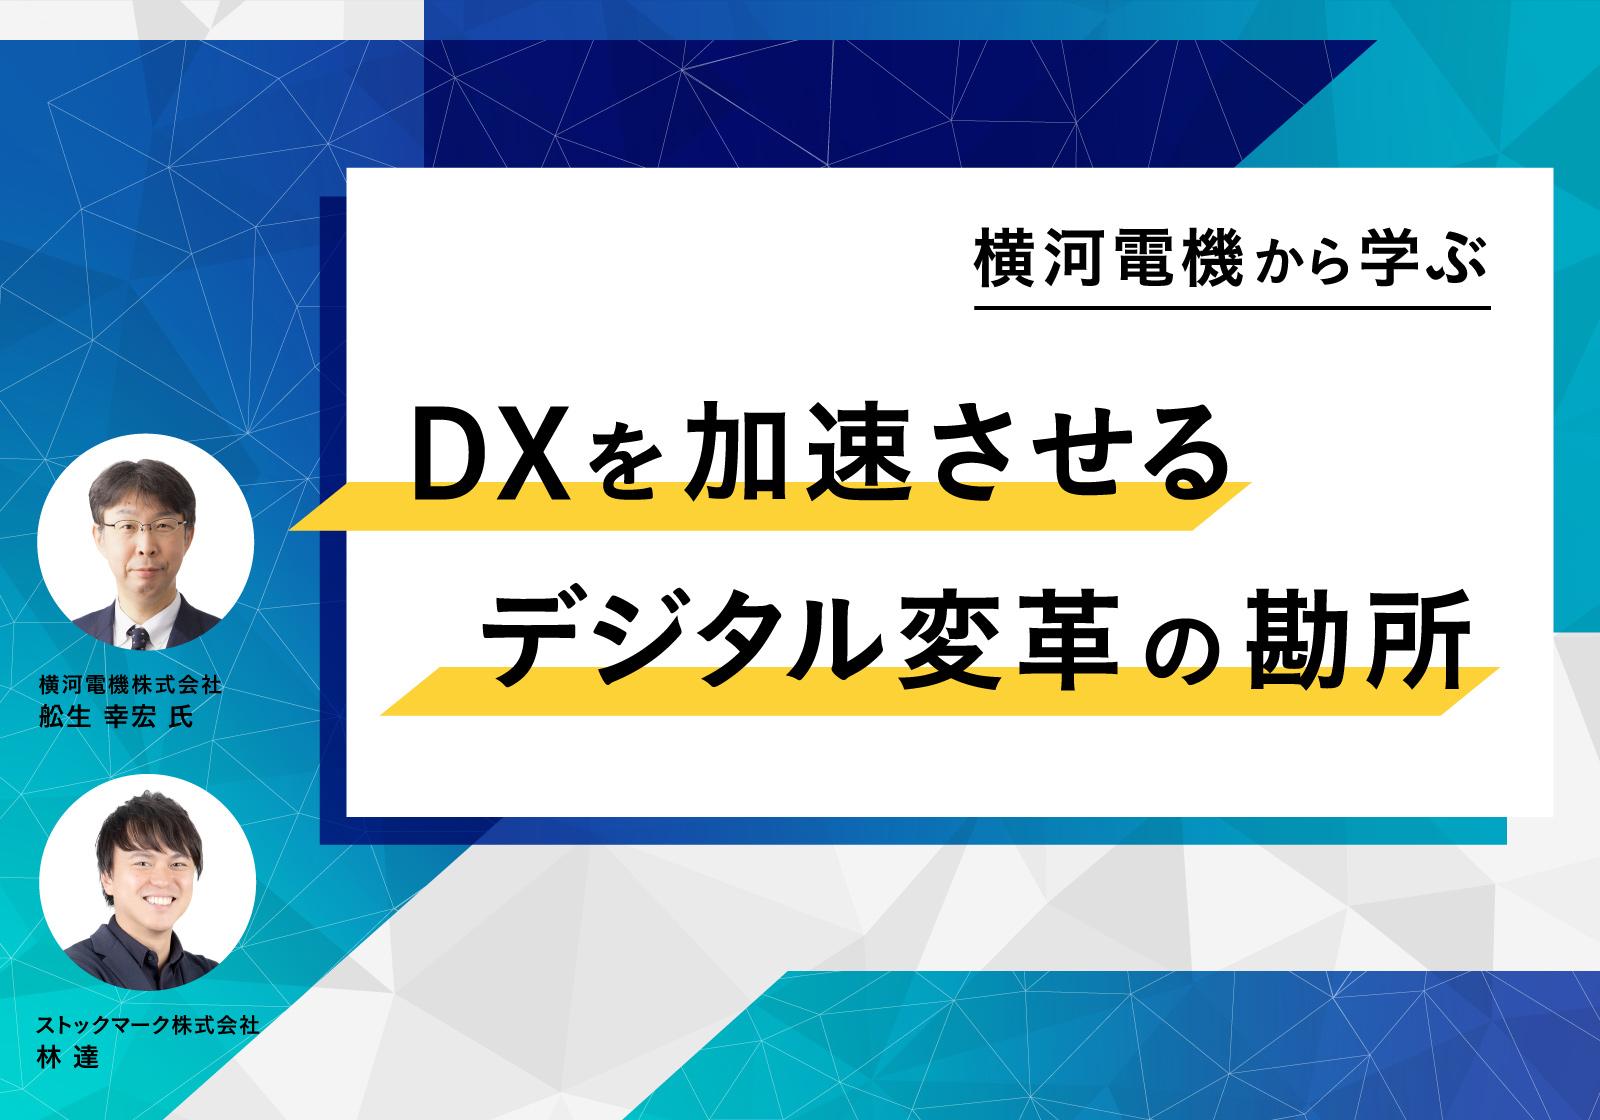 横河電機から学ぶ - DXを加速させるデジタル変革の勘所